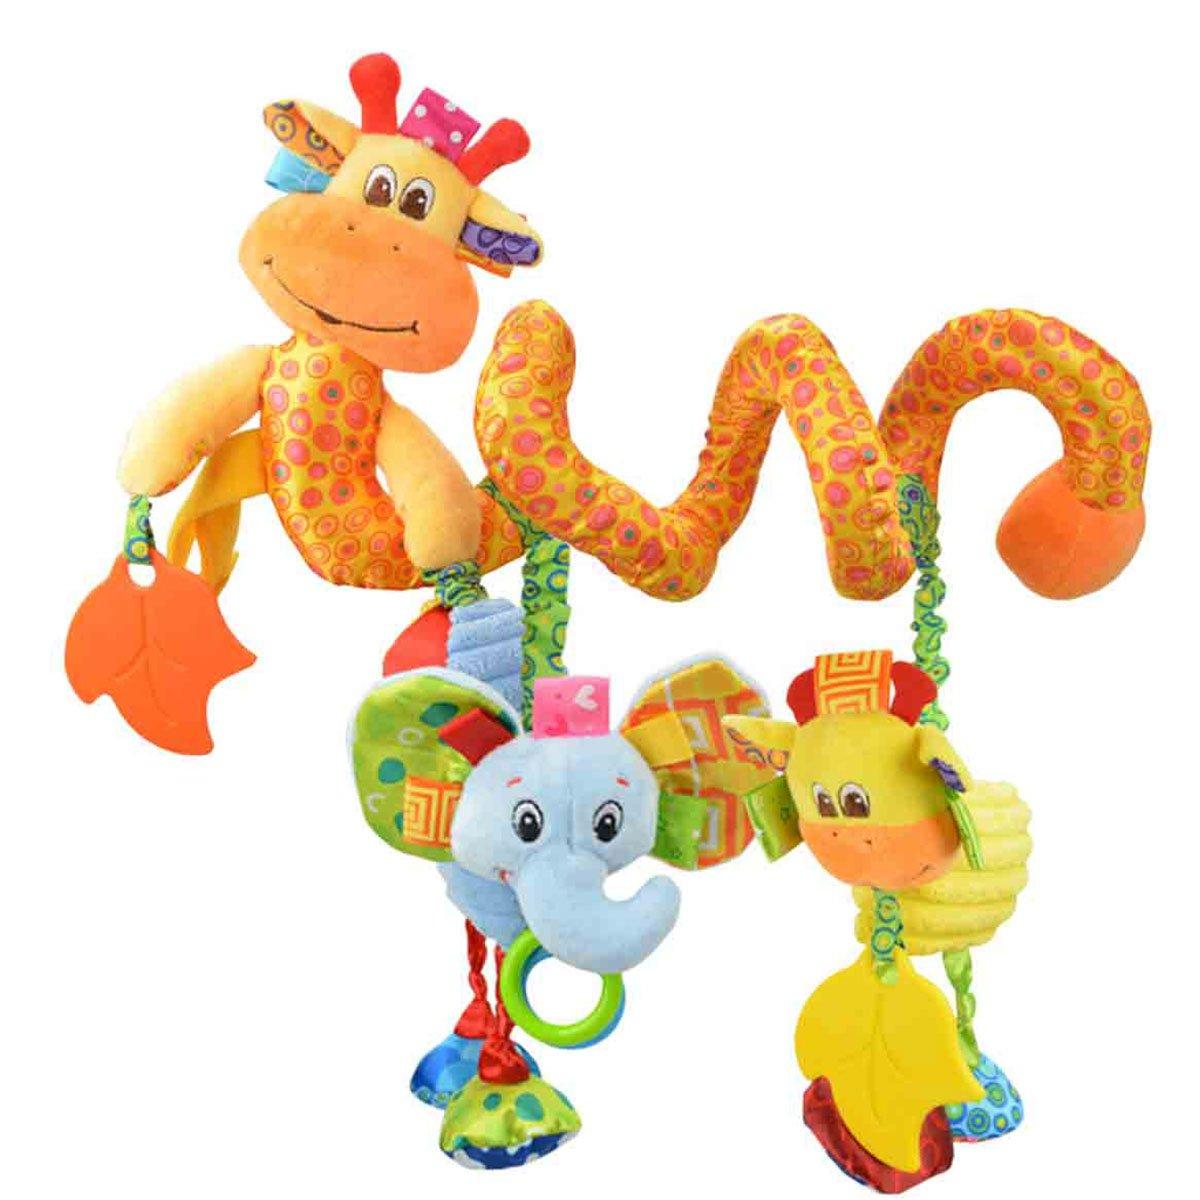 Hochet Spiral Peluche Jouet d'éveil pour Berceau Poussette - Jouet éducatif Animal Girafe Happy Cherry